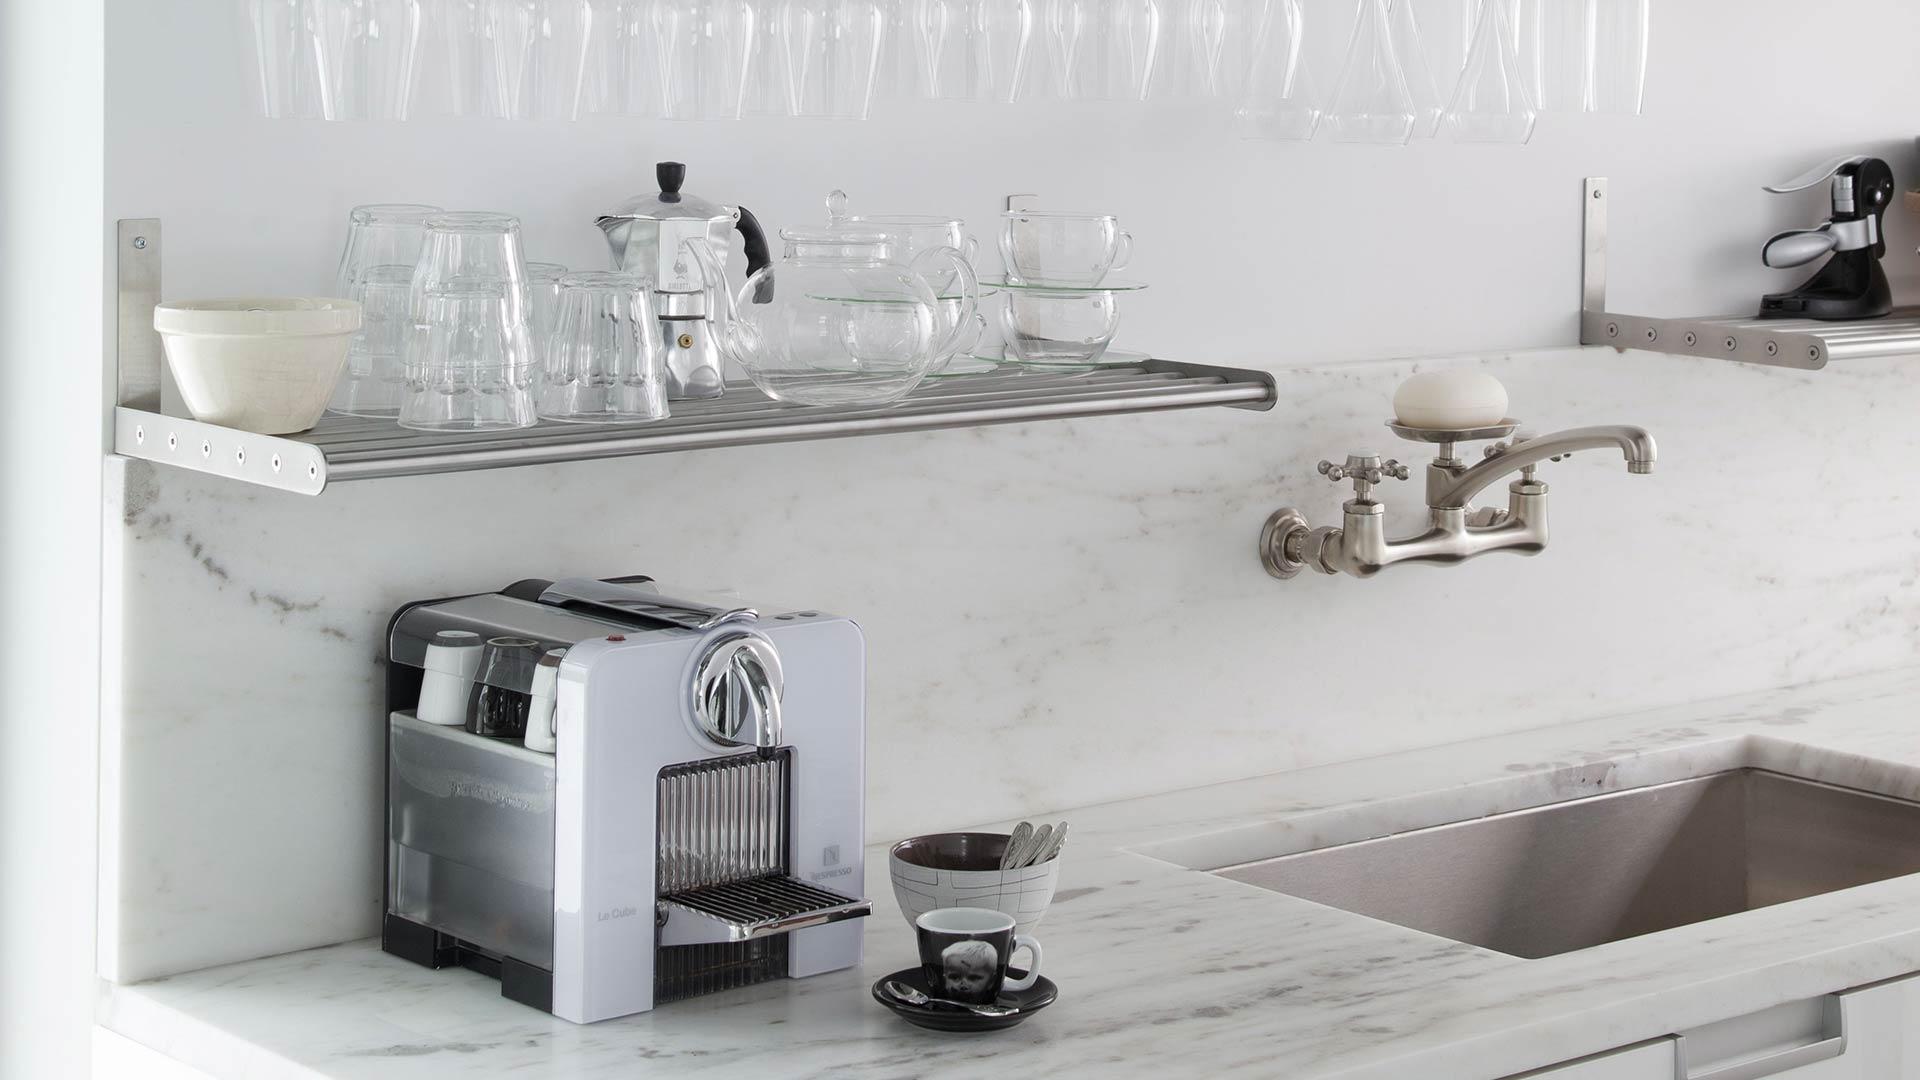 vier souvent malmen l vier de la cuisine doit tre robuste r sistant aux taches et aux. Black Bedroom Furniture Sets. Home Design Ideas